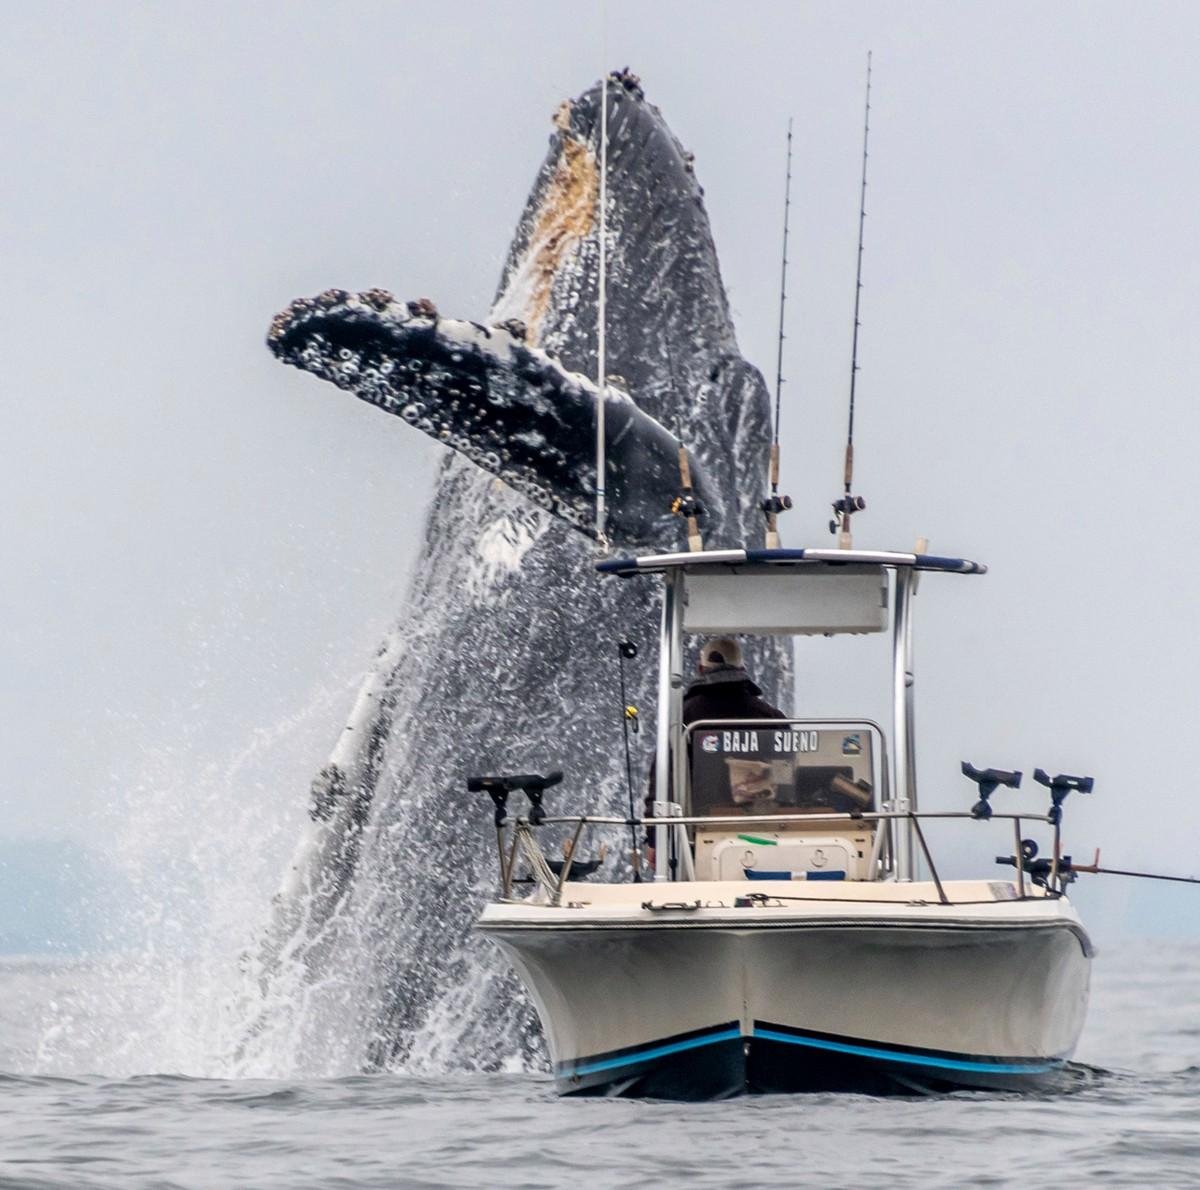 Горбатый кит чуть не перевернул рыбацкую лодку